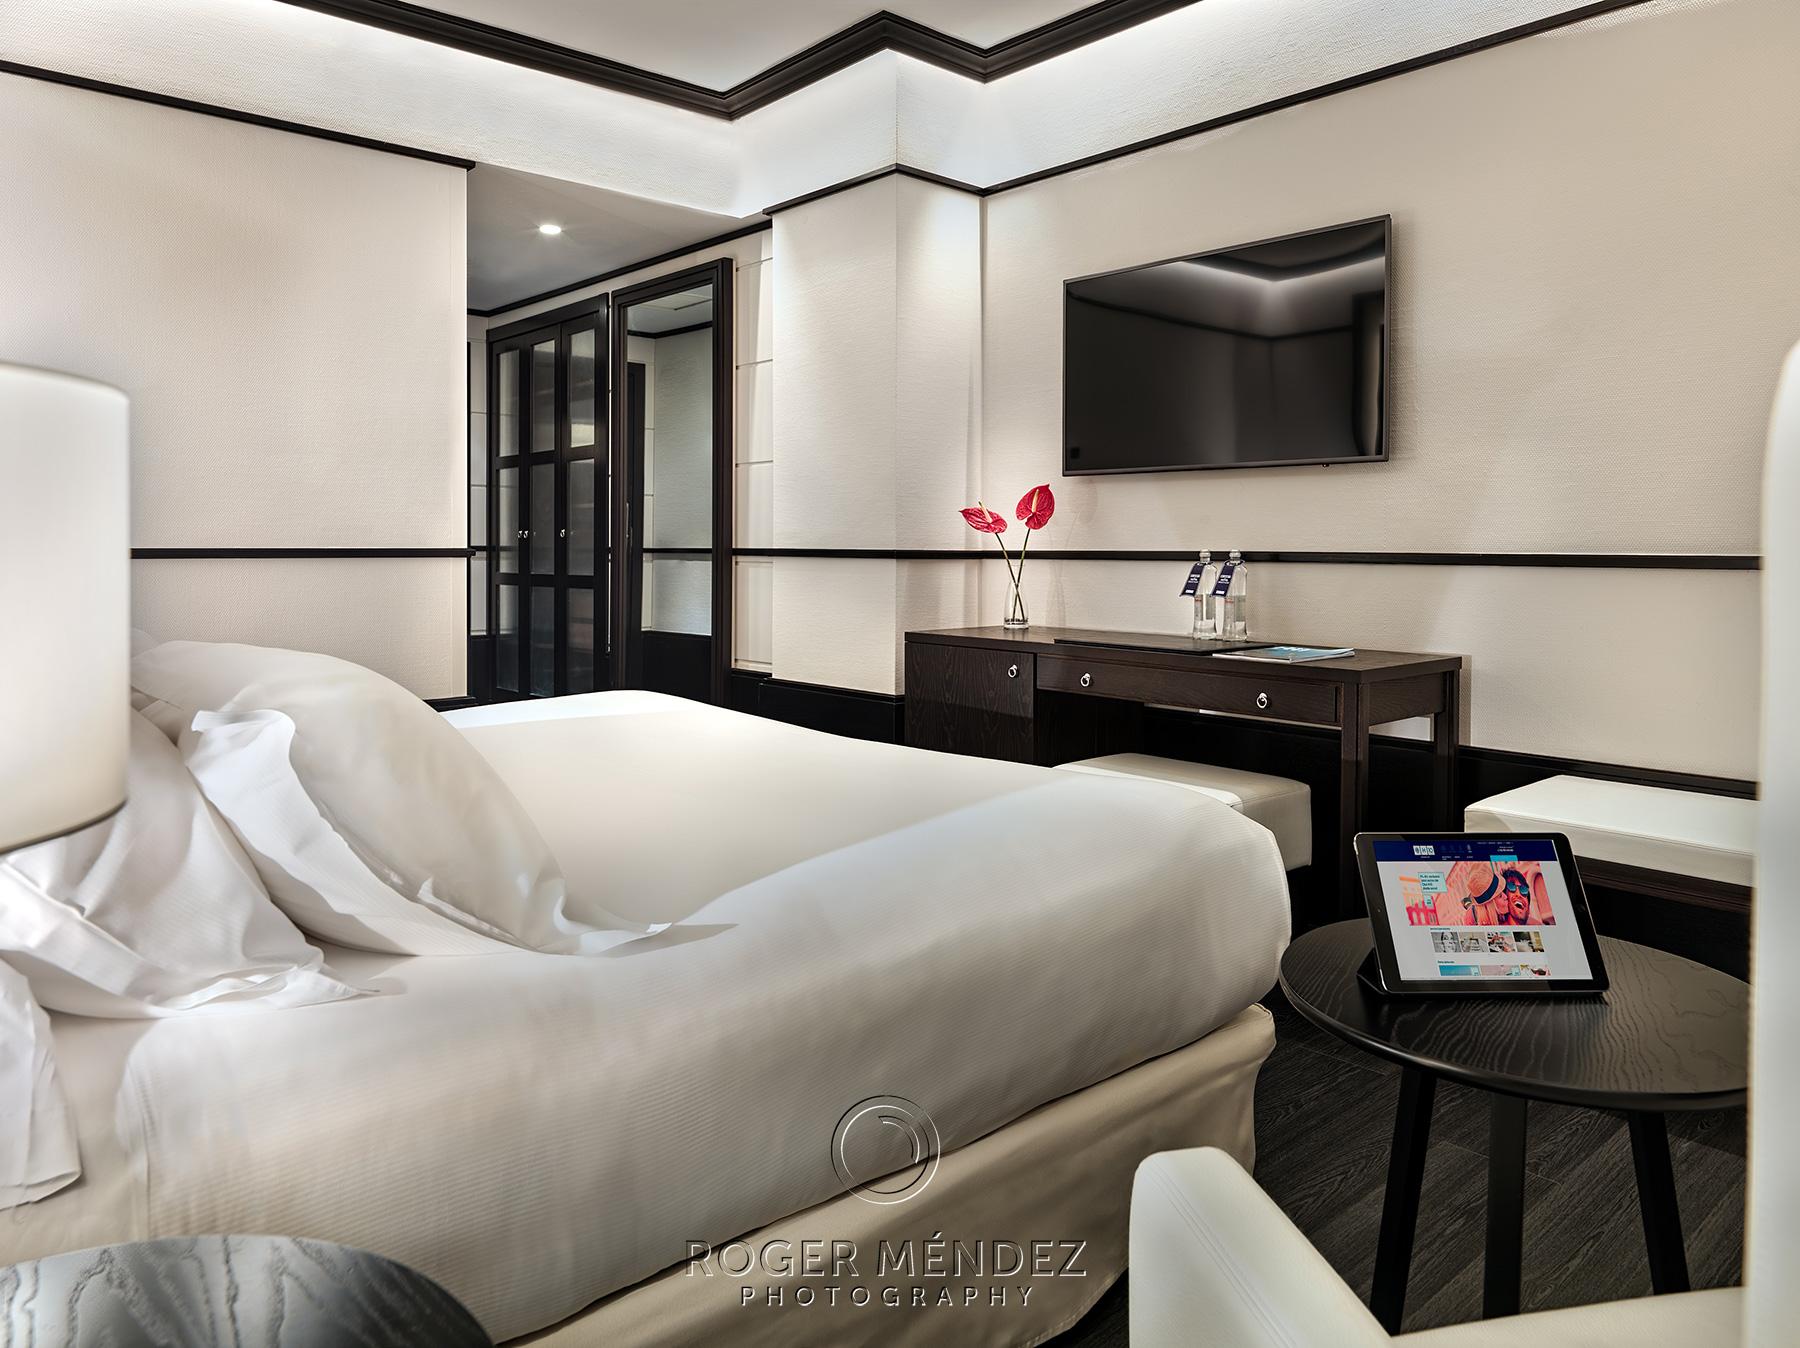 fotografía habitación superior H10 Marina Barcelona